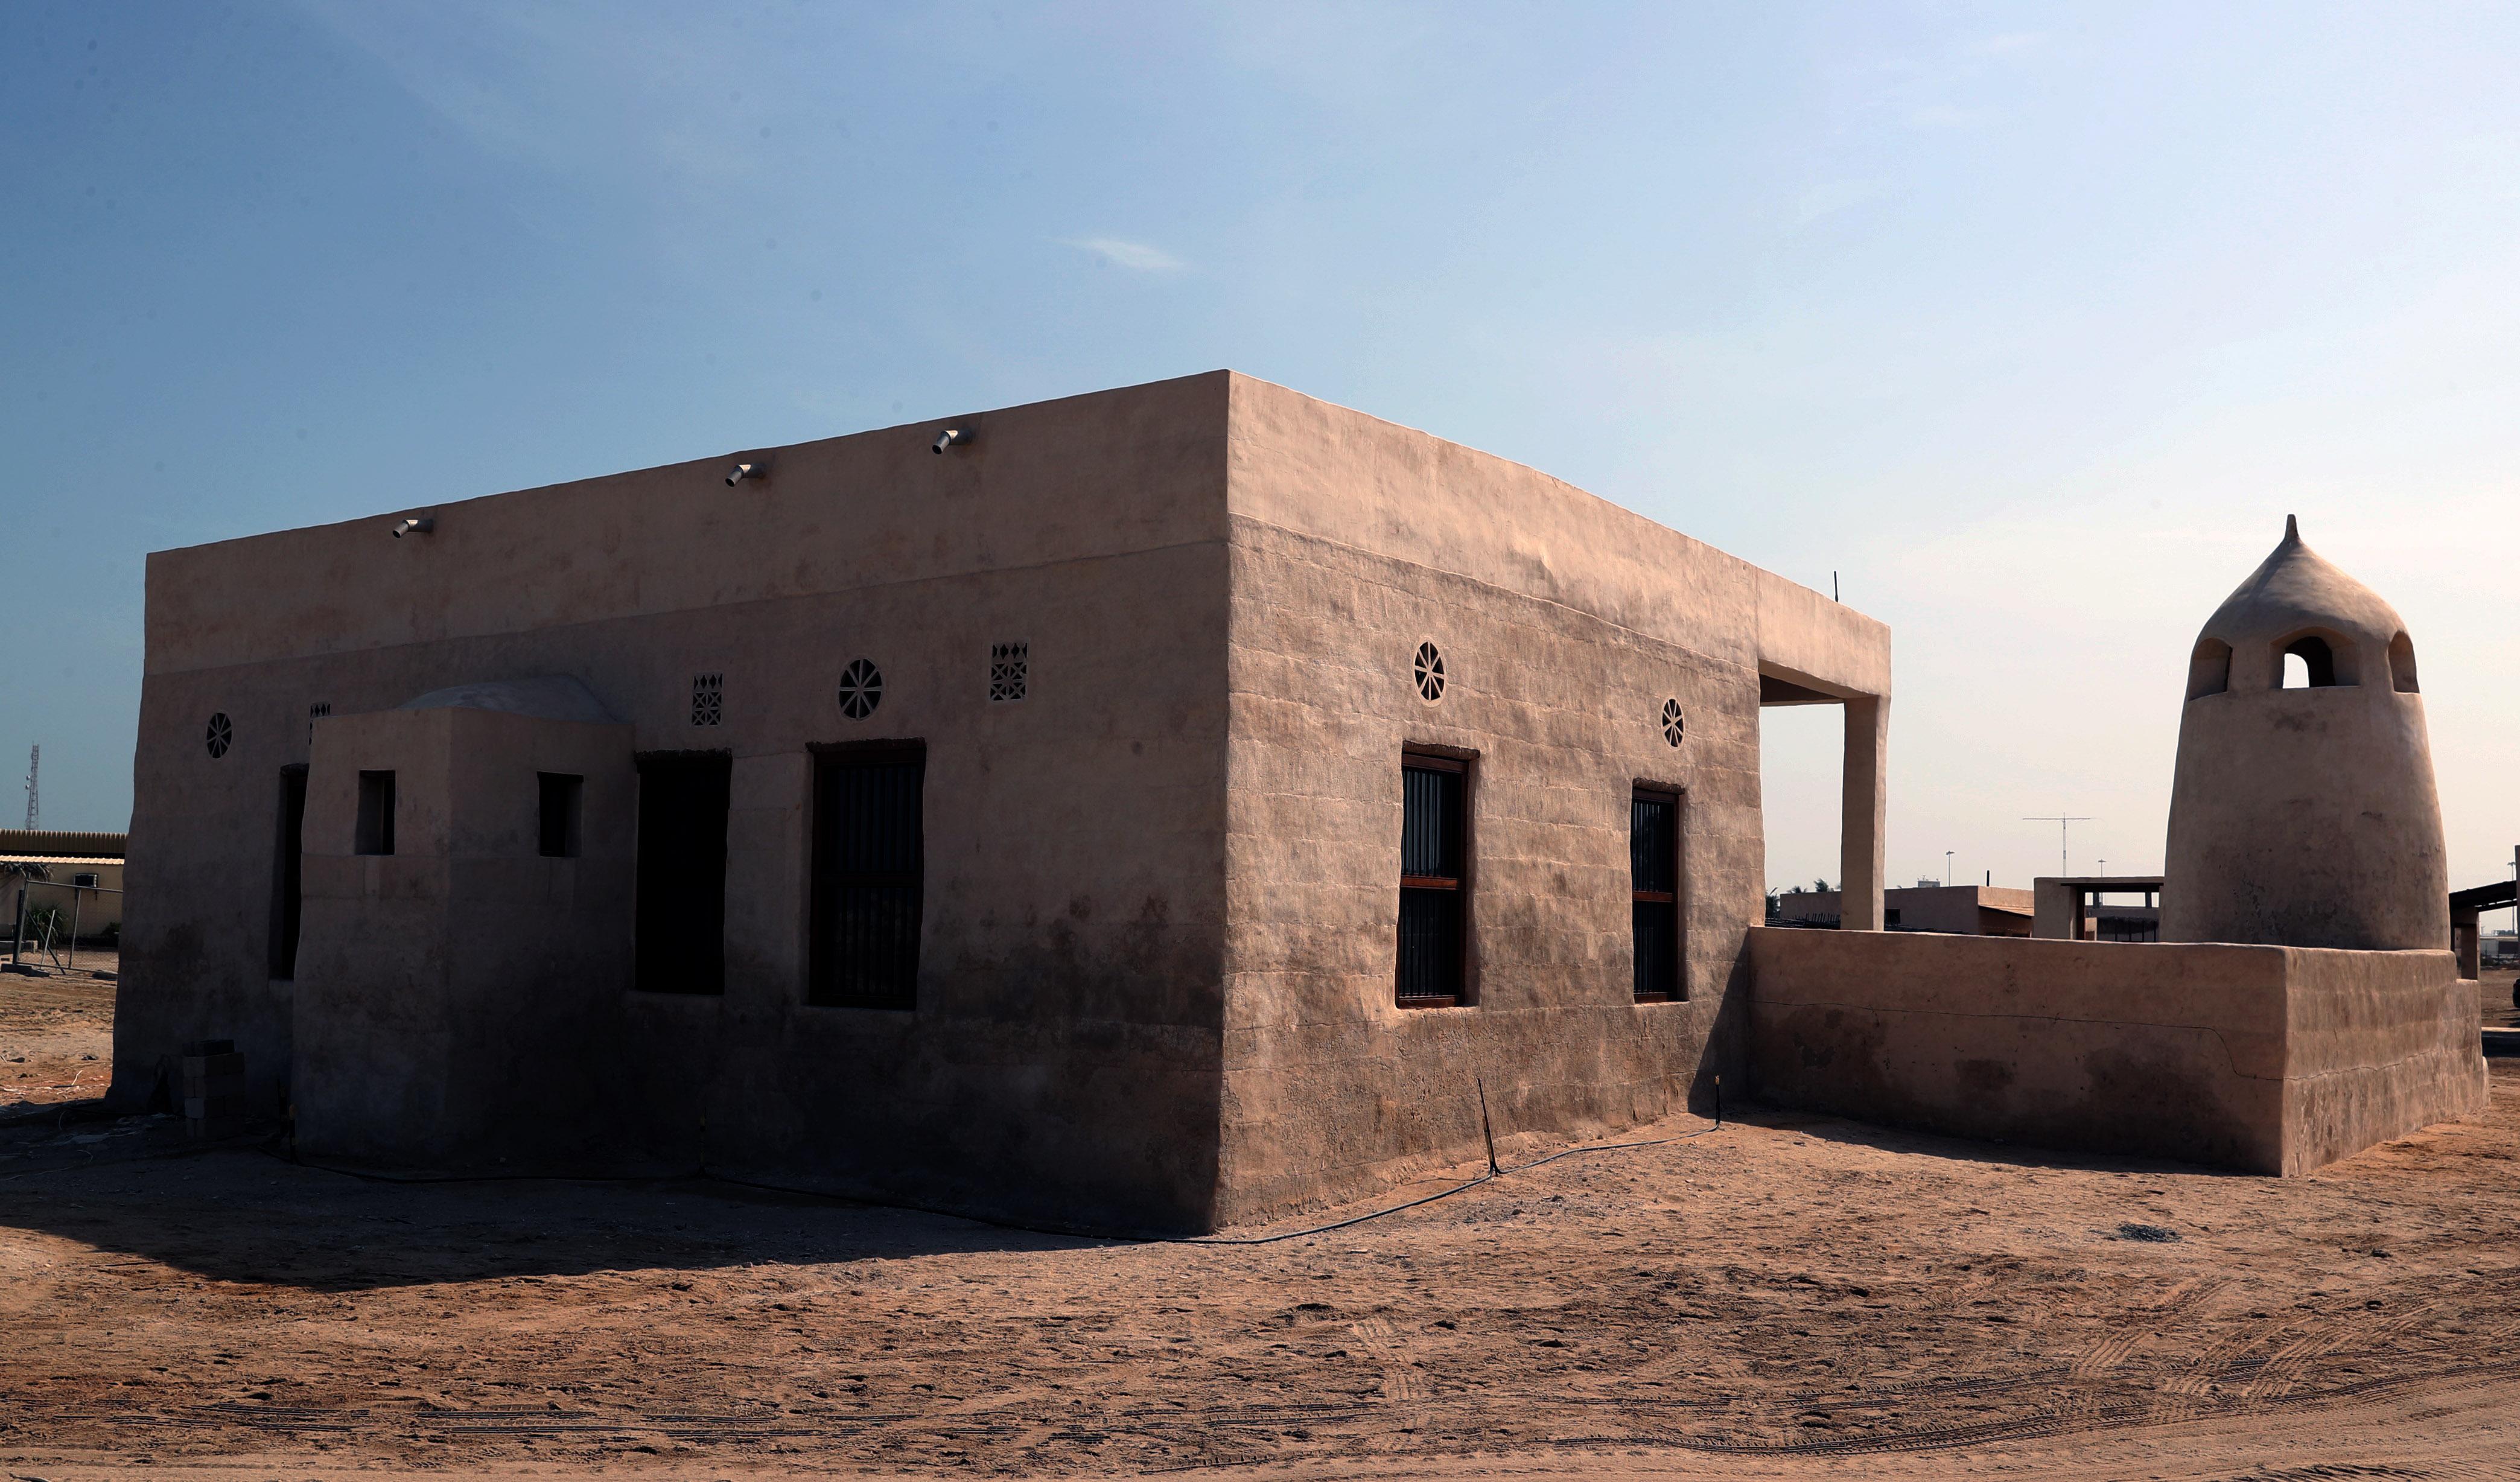 تقرير مجتمعي / الجزيرة الحمراء القديمة في رأس الخيمة تزخر بعبق الماضي وآصالته